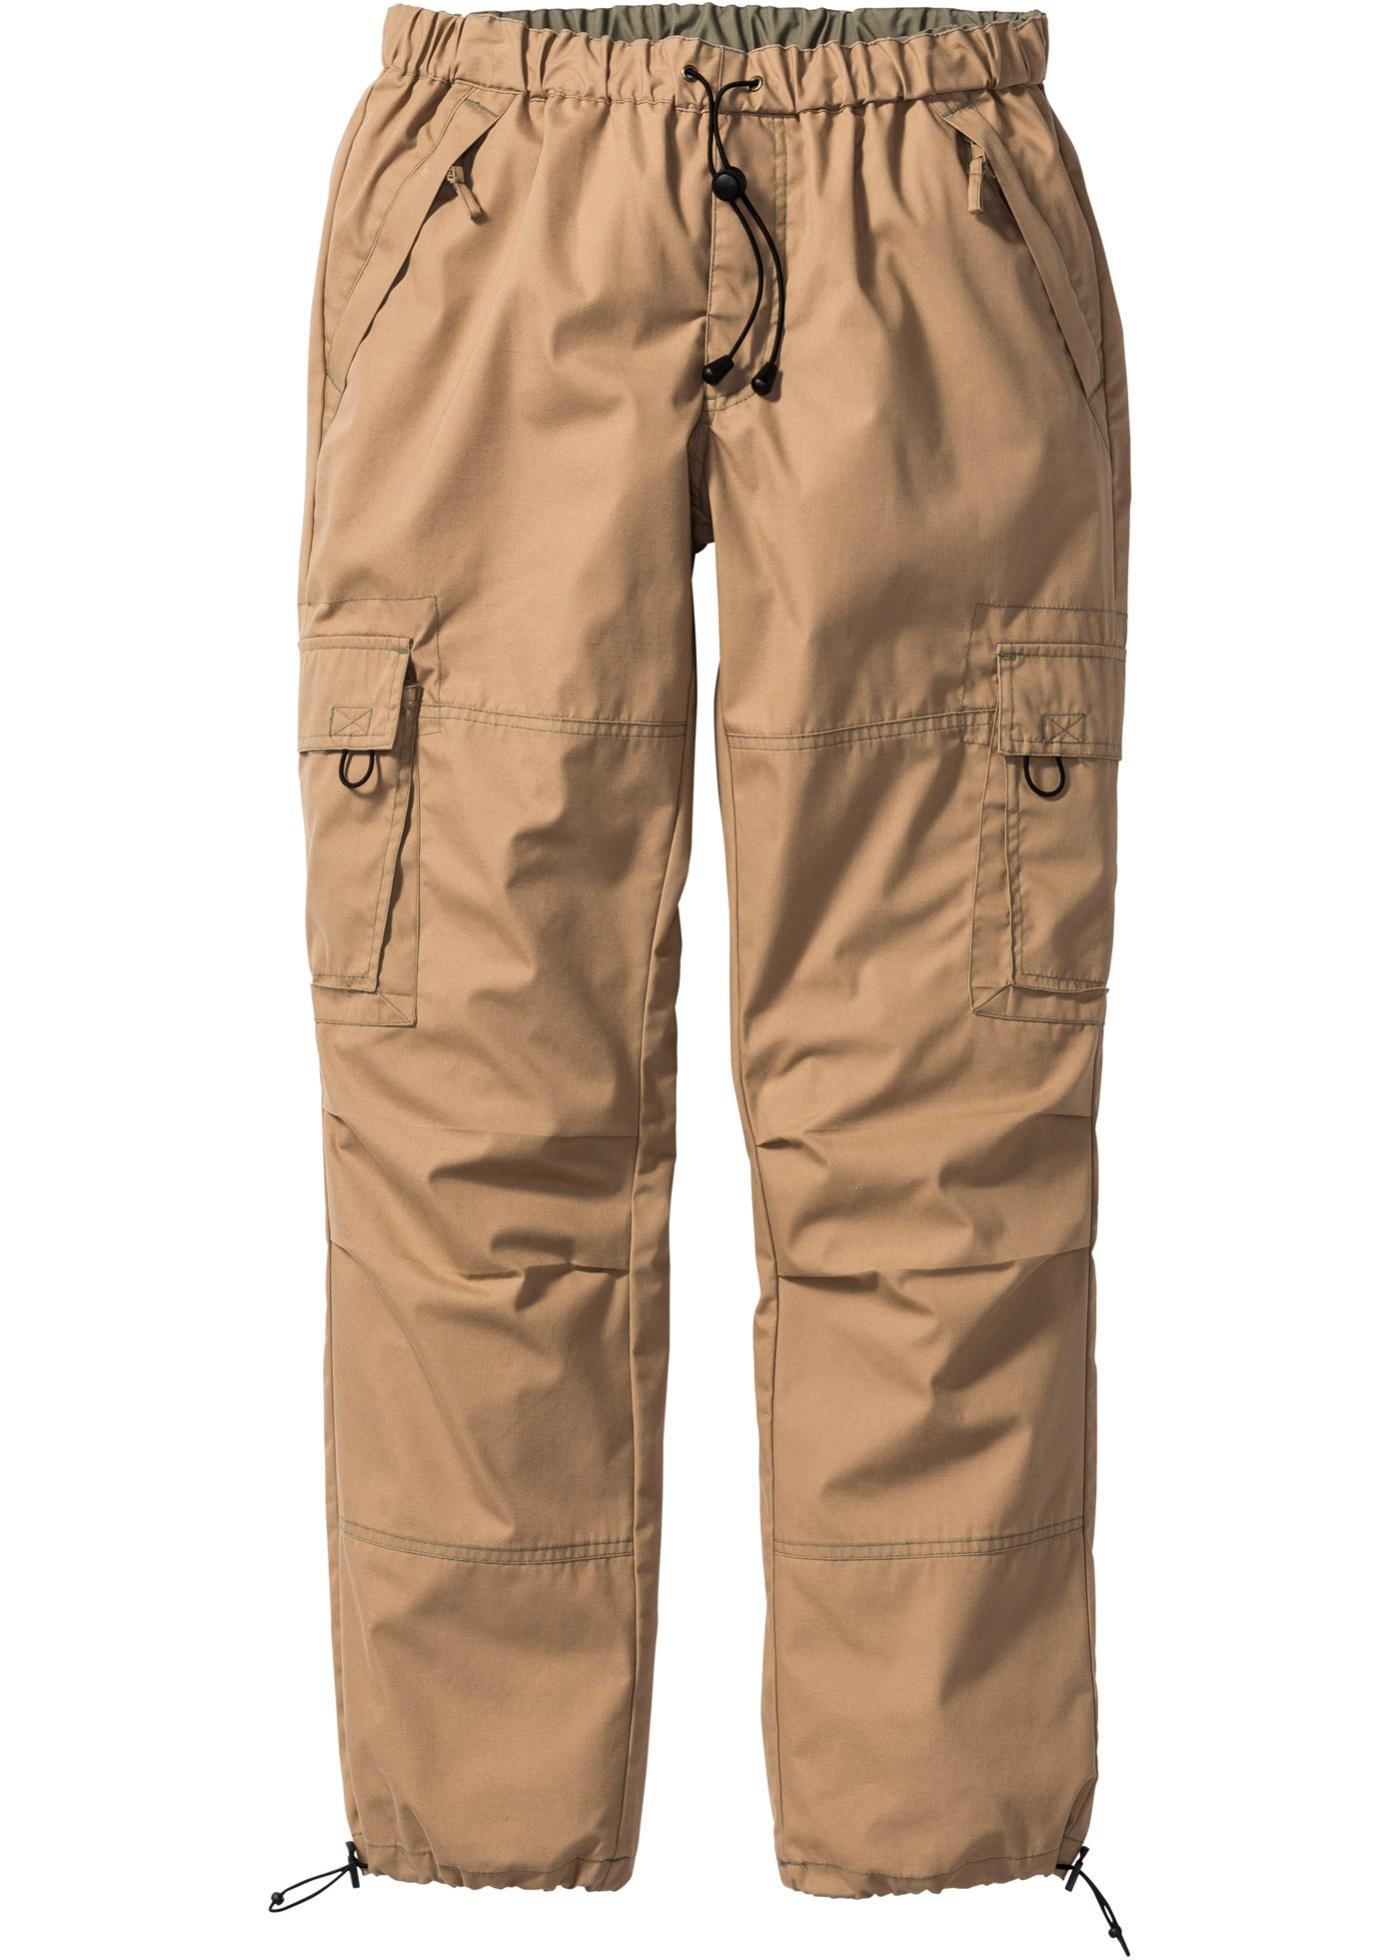 Pantalon cargo loose fit, N.